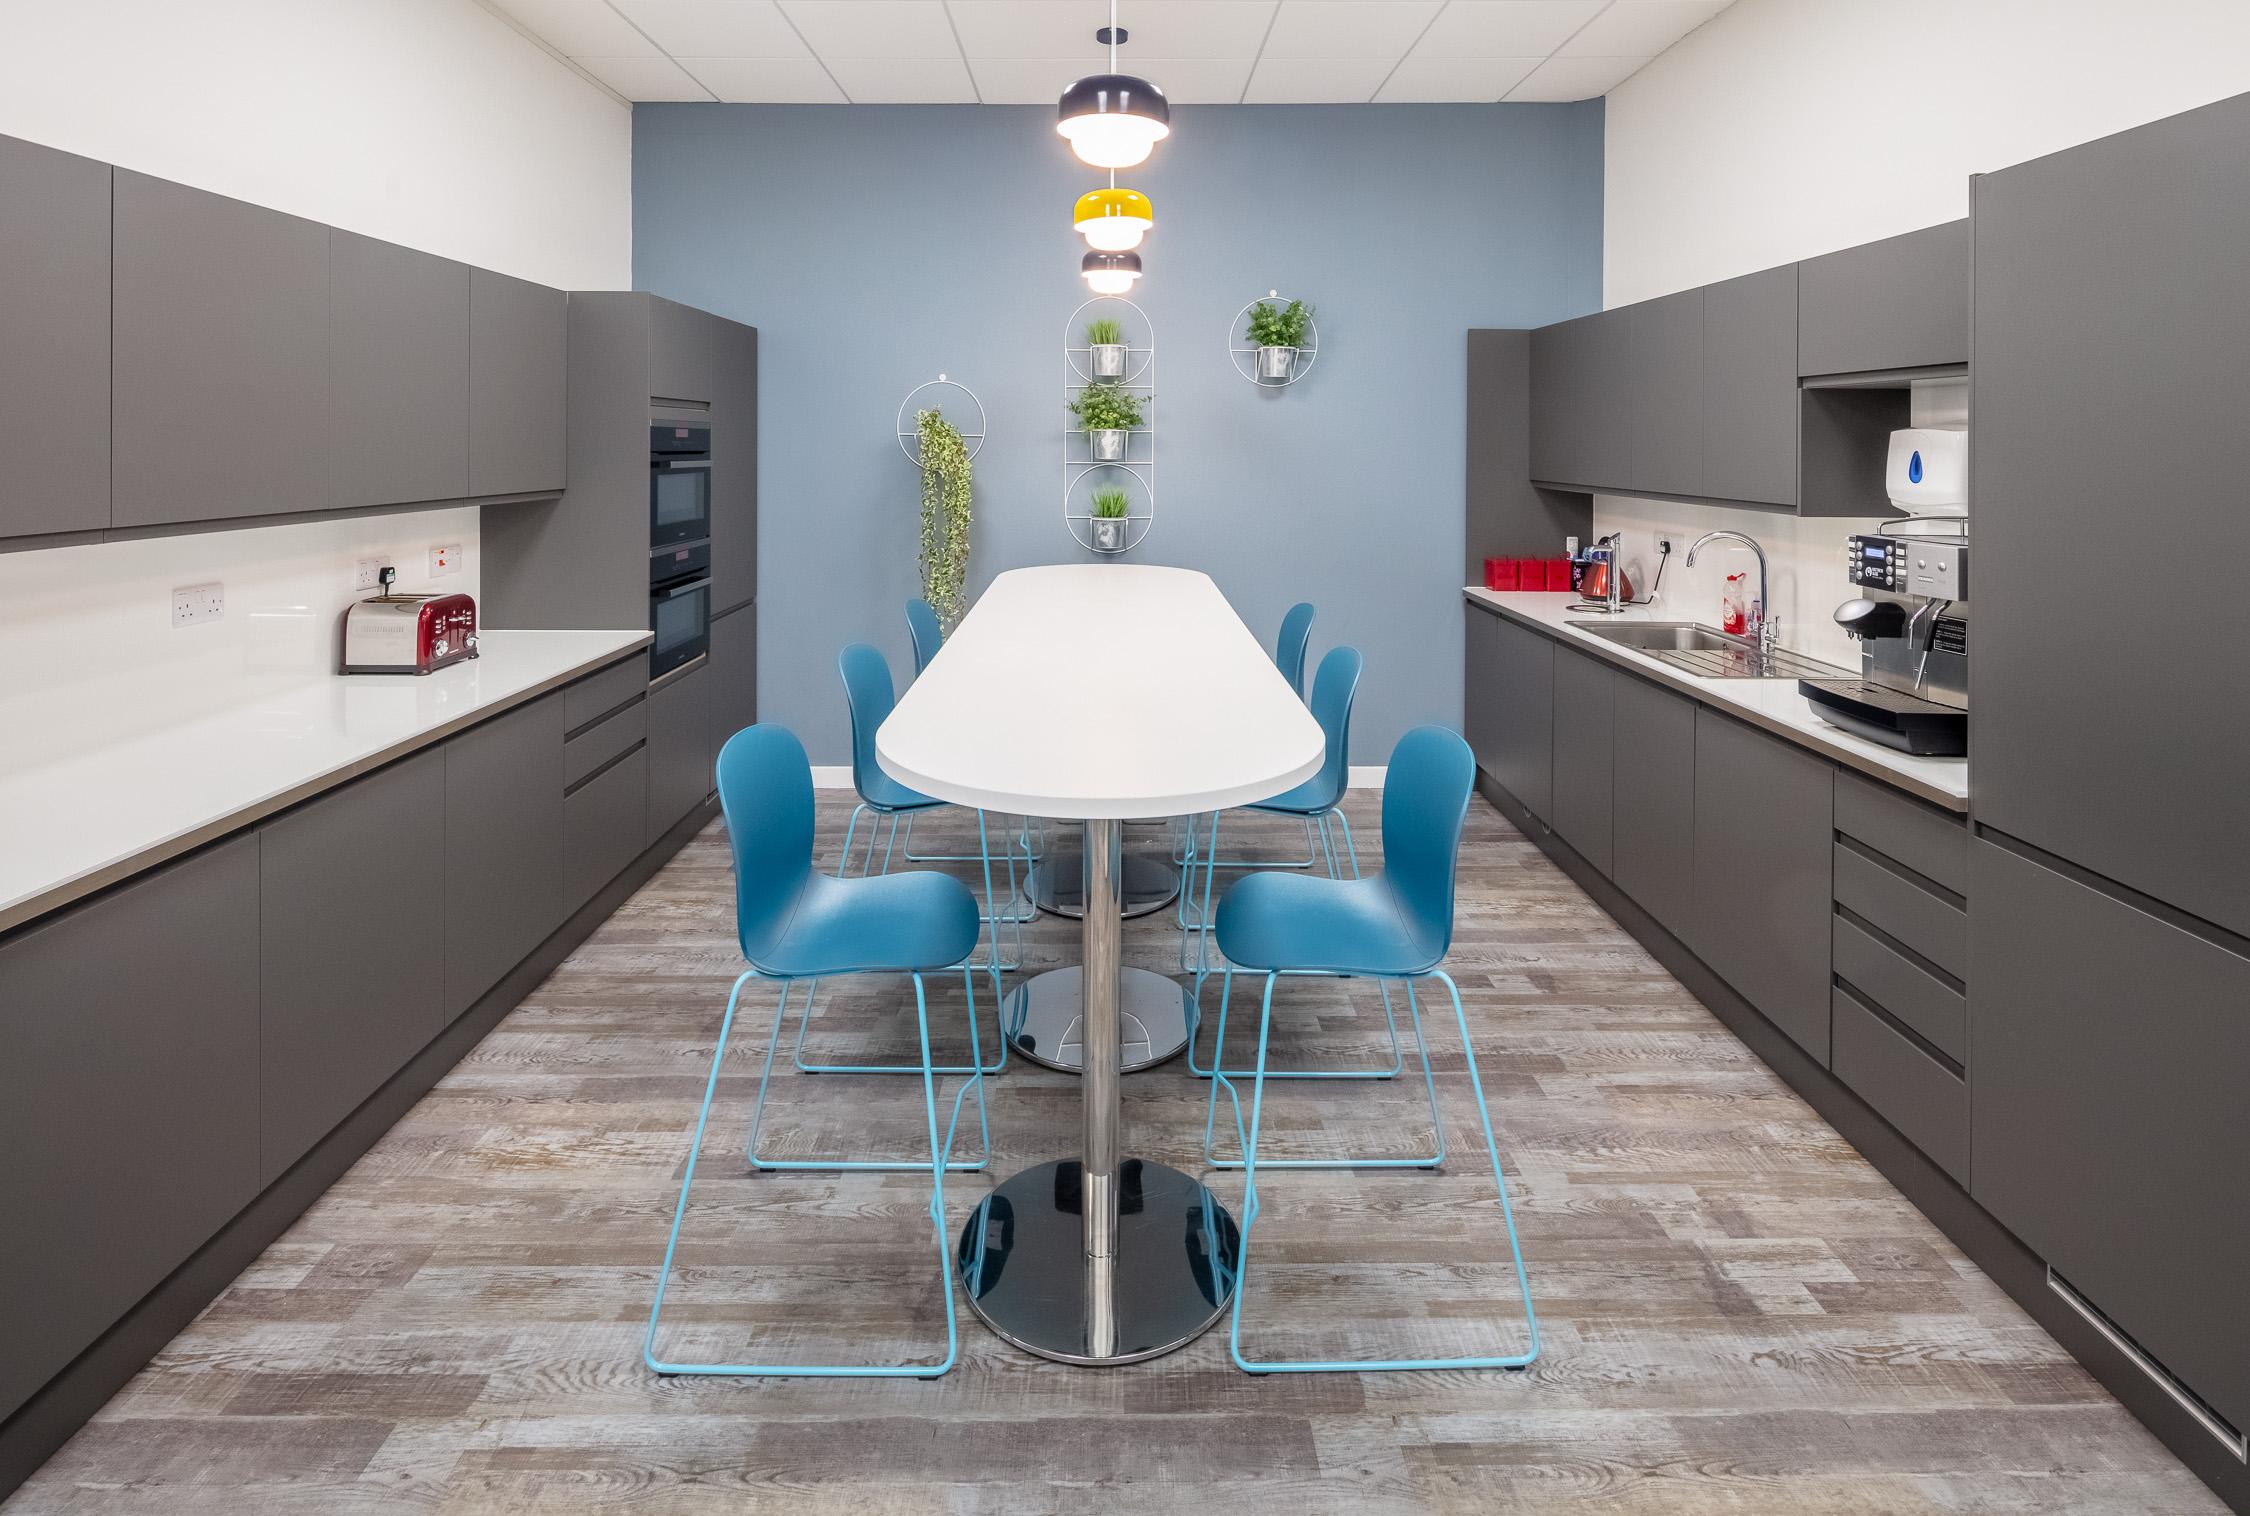 first floor kitchen area.jpg